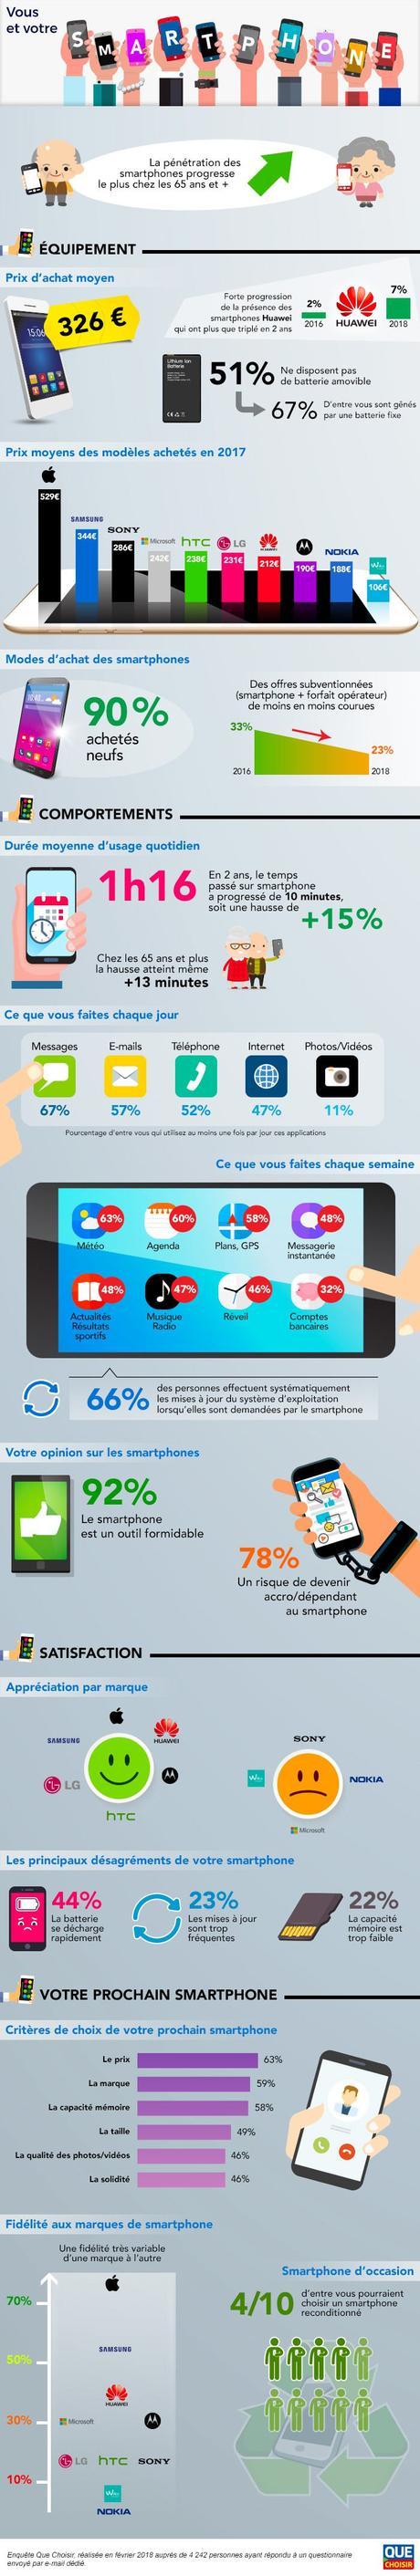 Les Français dépensent en moyenne 326€ pour un smartphone